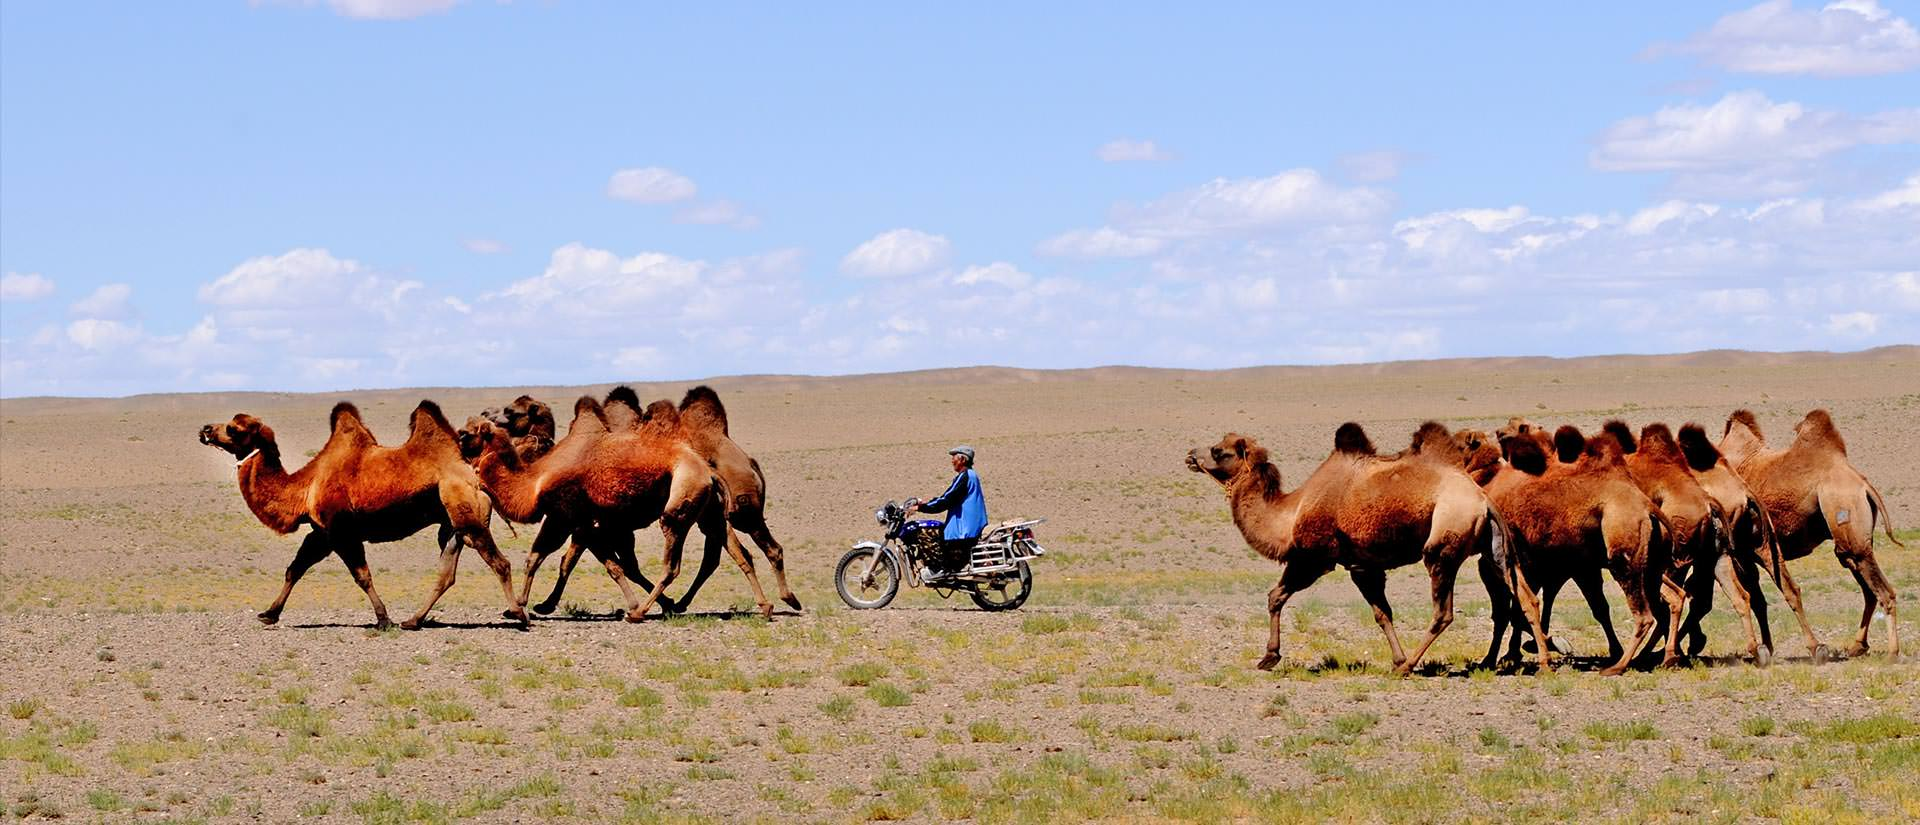 טיול למונגוליה עם החברה הגיאוגרפית